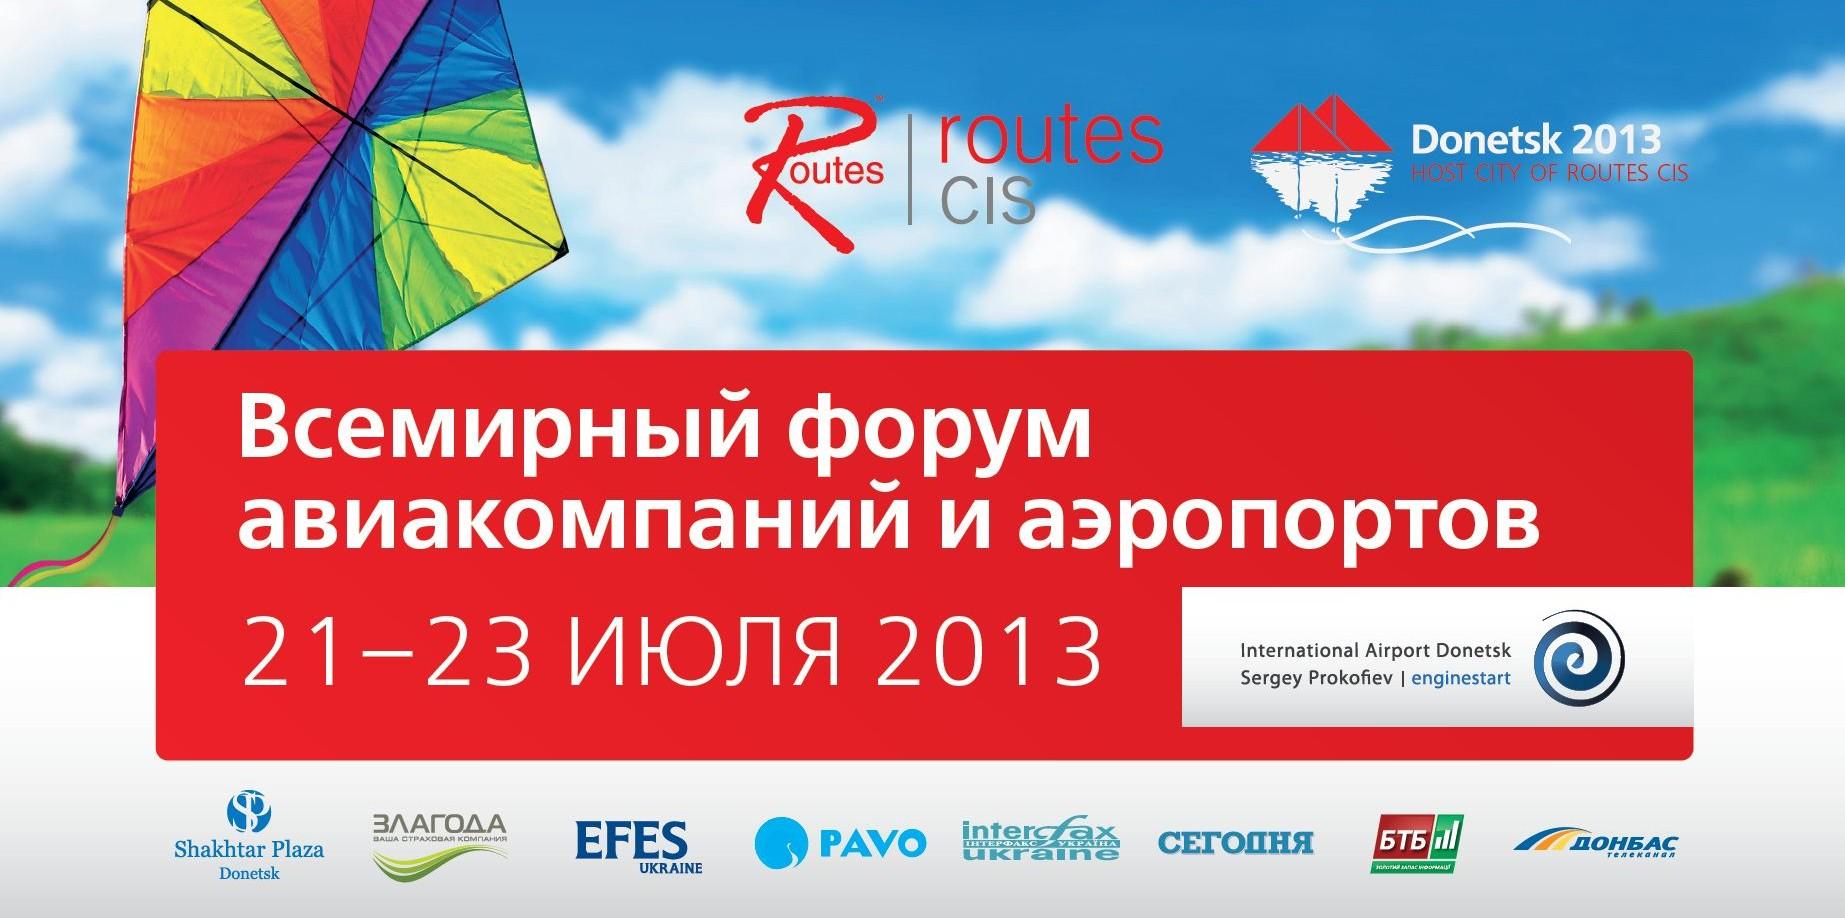 Фото: «Efes Ukraine» поддержала международный авиафорум «Routes CIS».